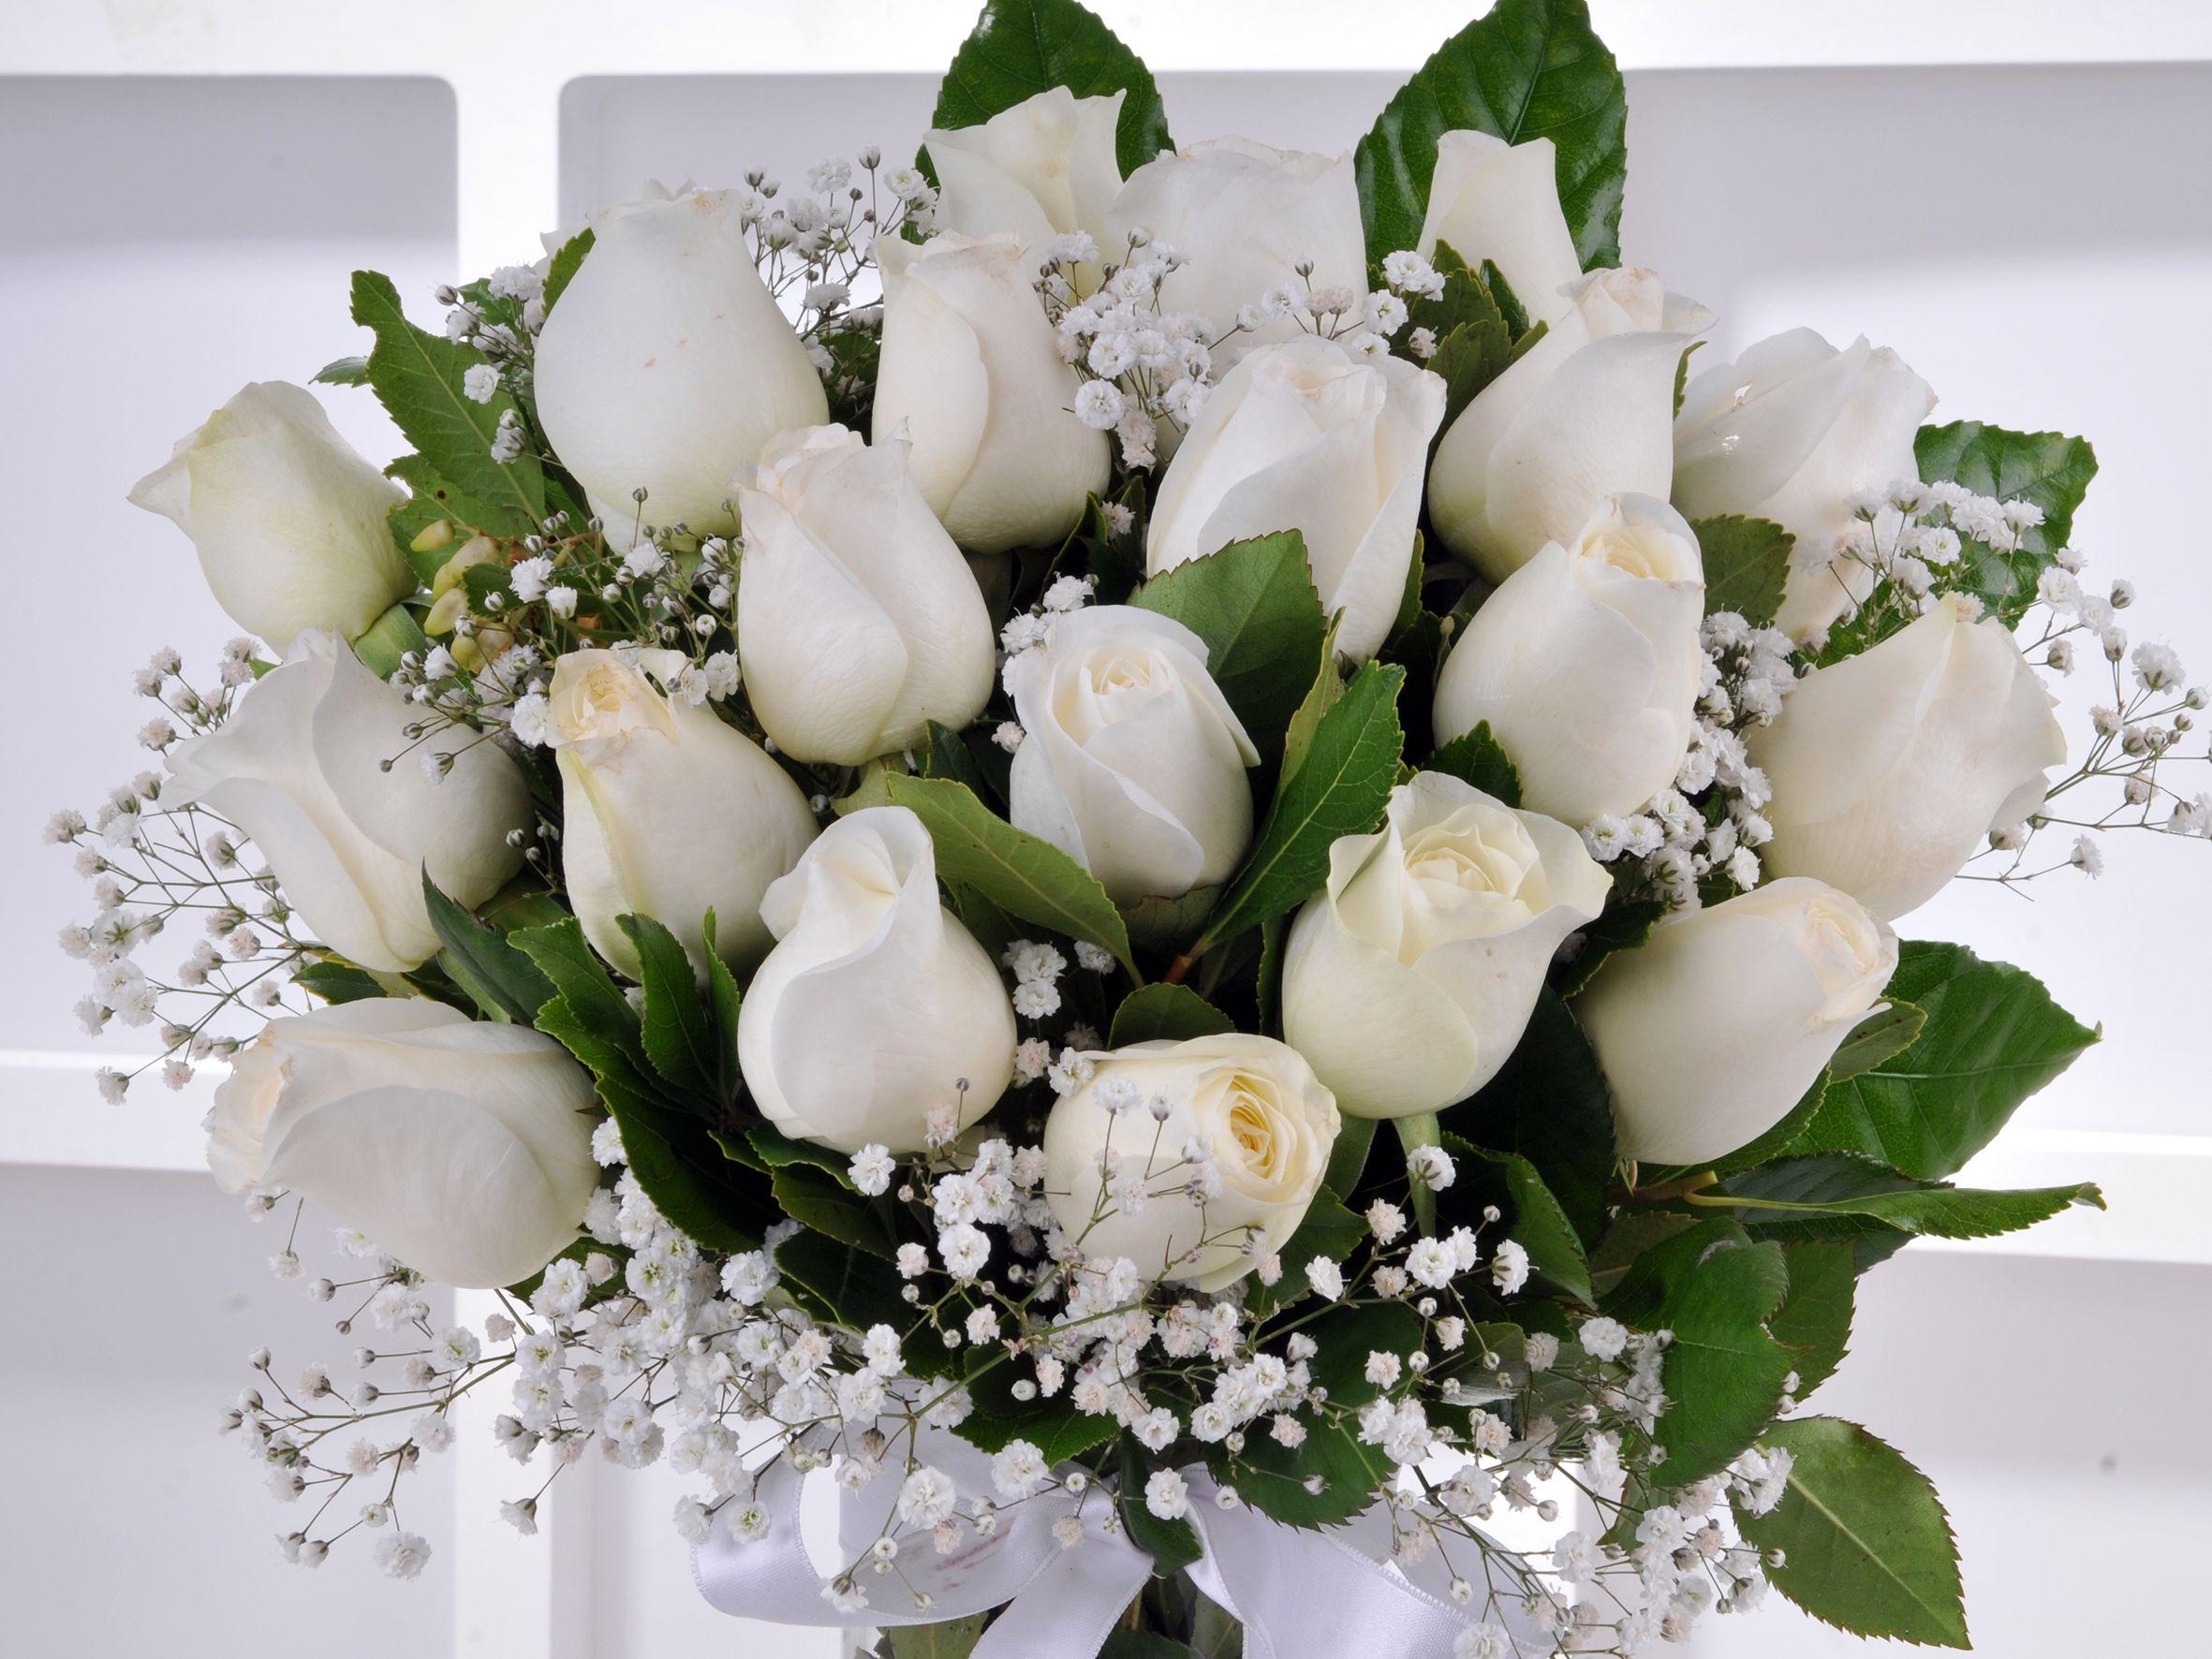 Vazoda 21 Beyaz Gül.. Aranjmanlar çiçek gönder